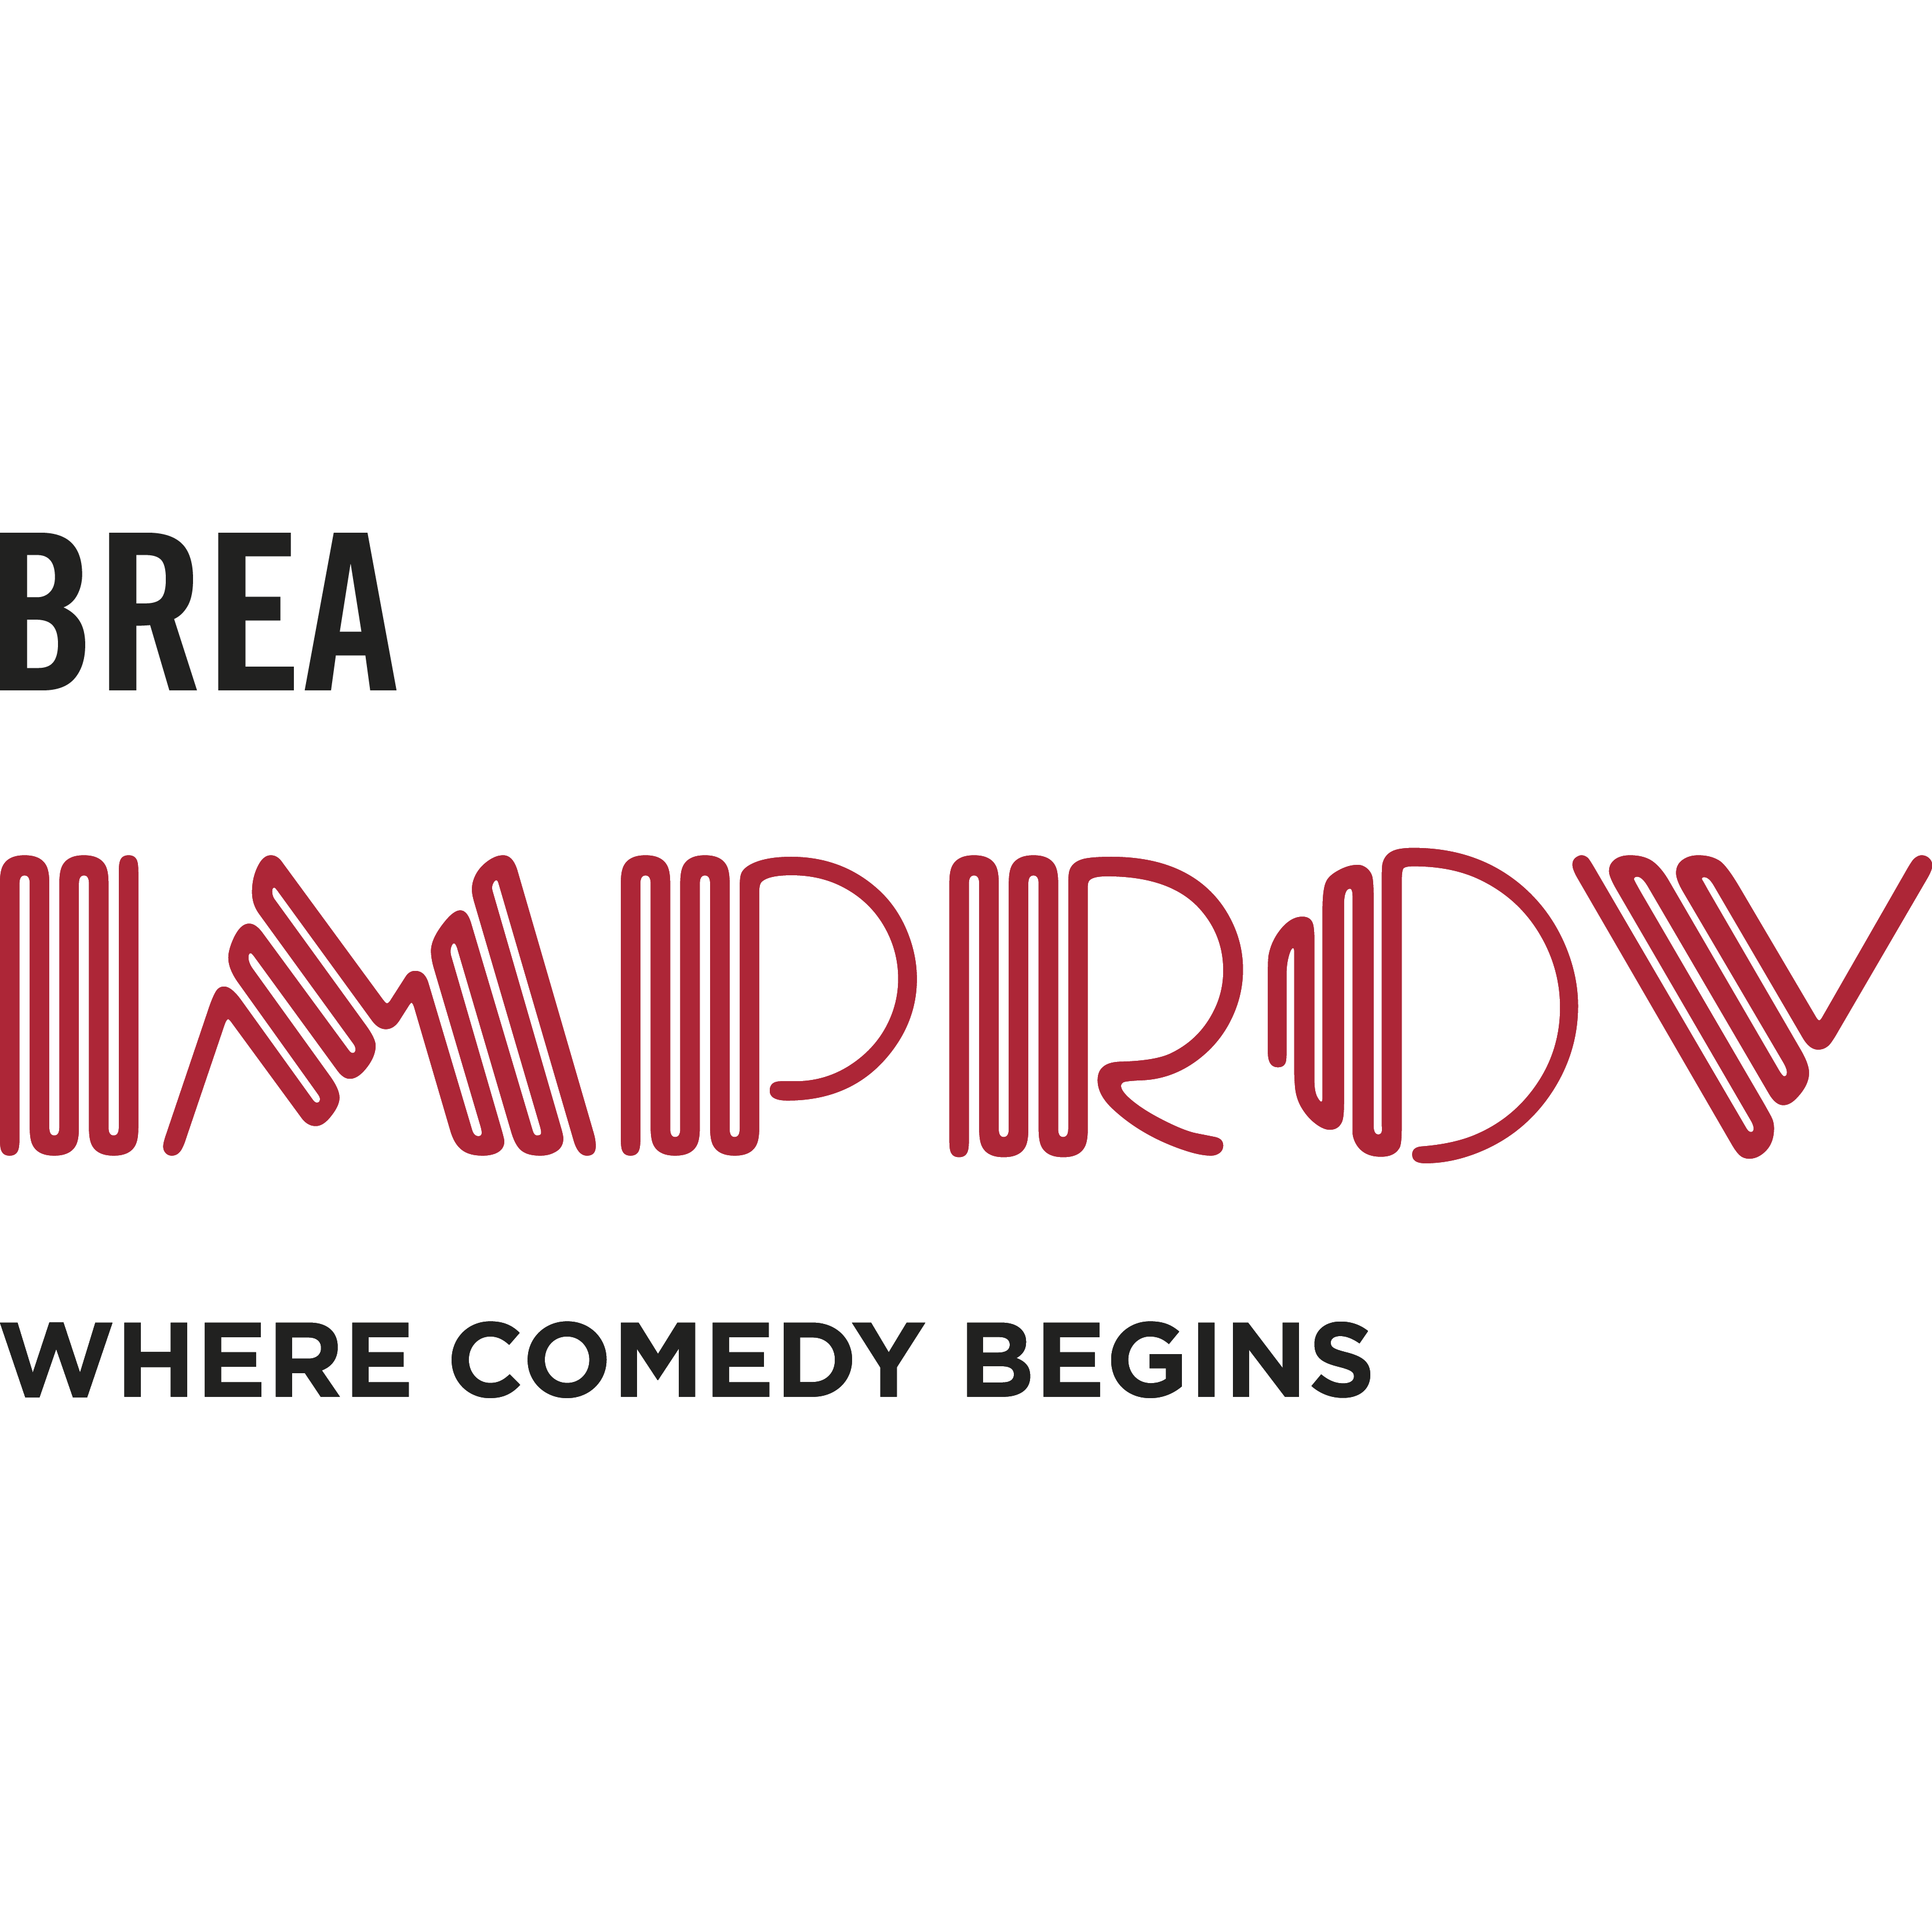 Brea Improv Comedy Club - Brea, CA